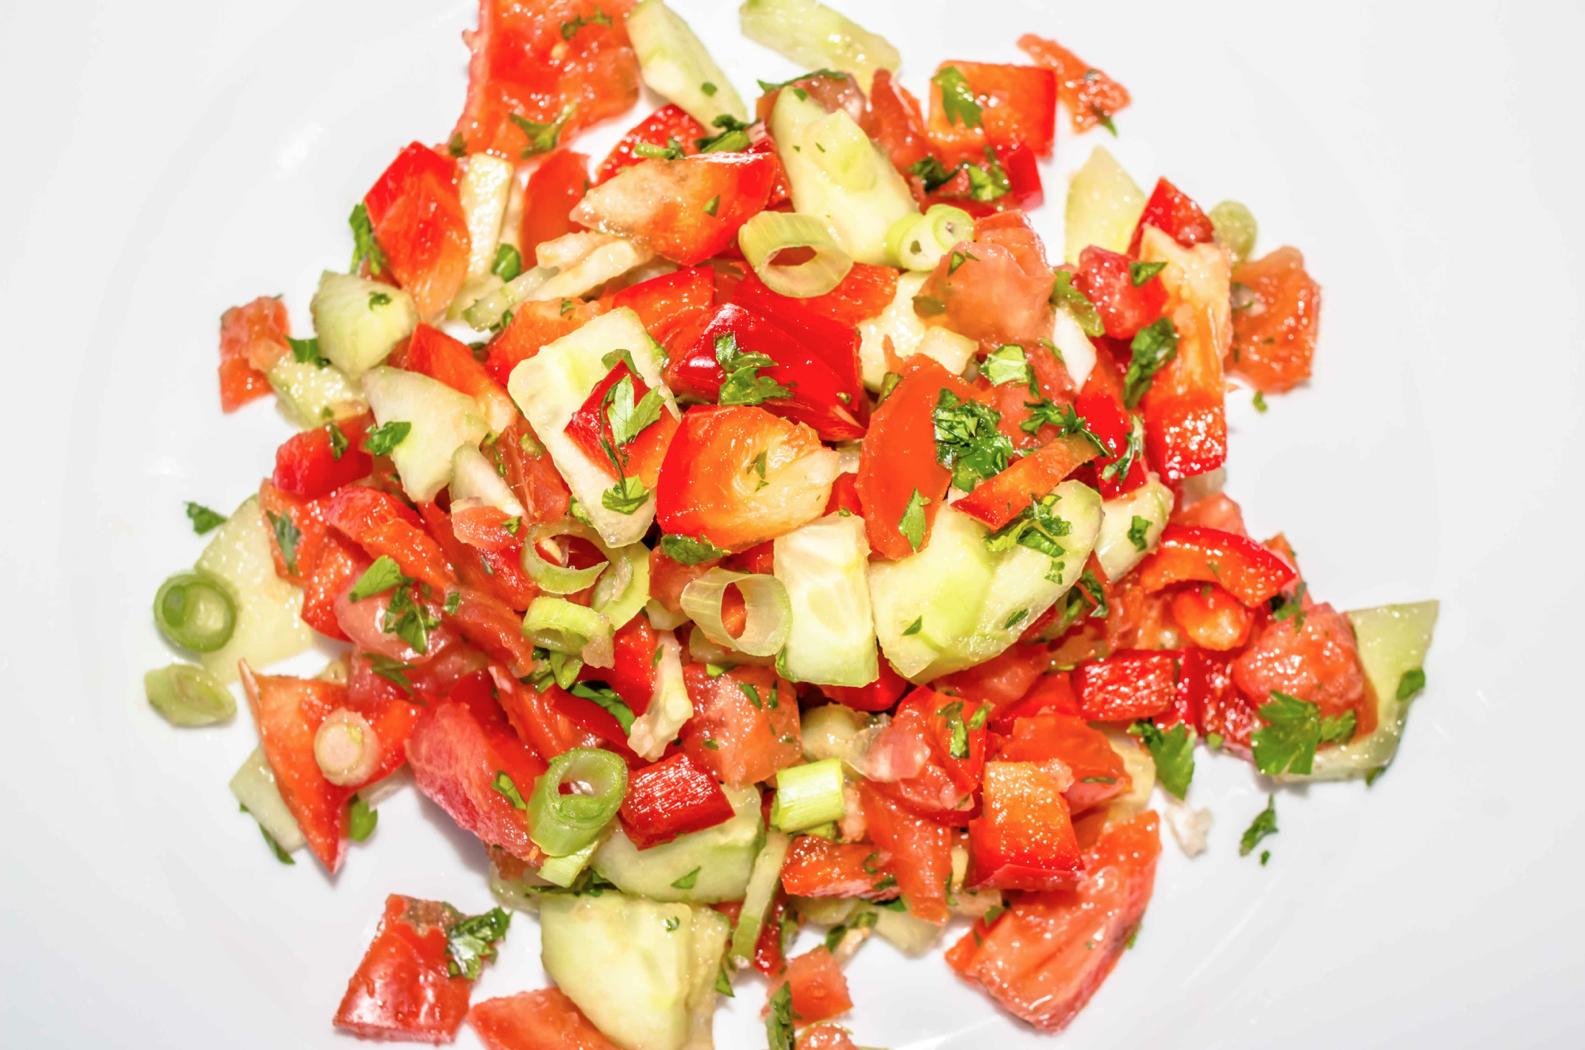 Salat Gurke, Tomate, Paprika in feinen Stücken